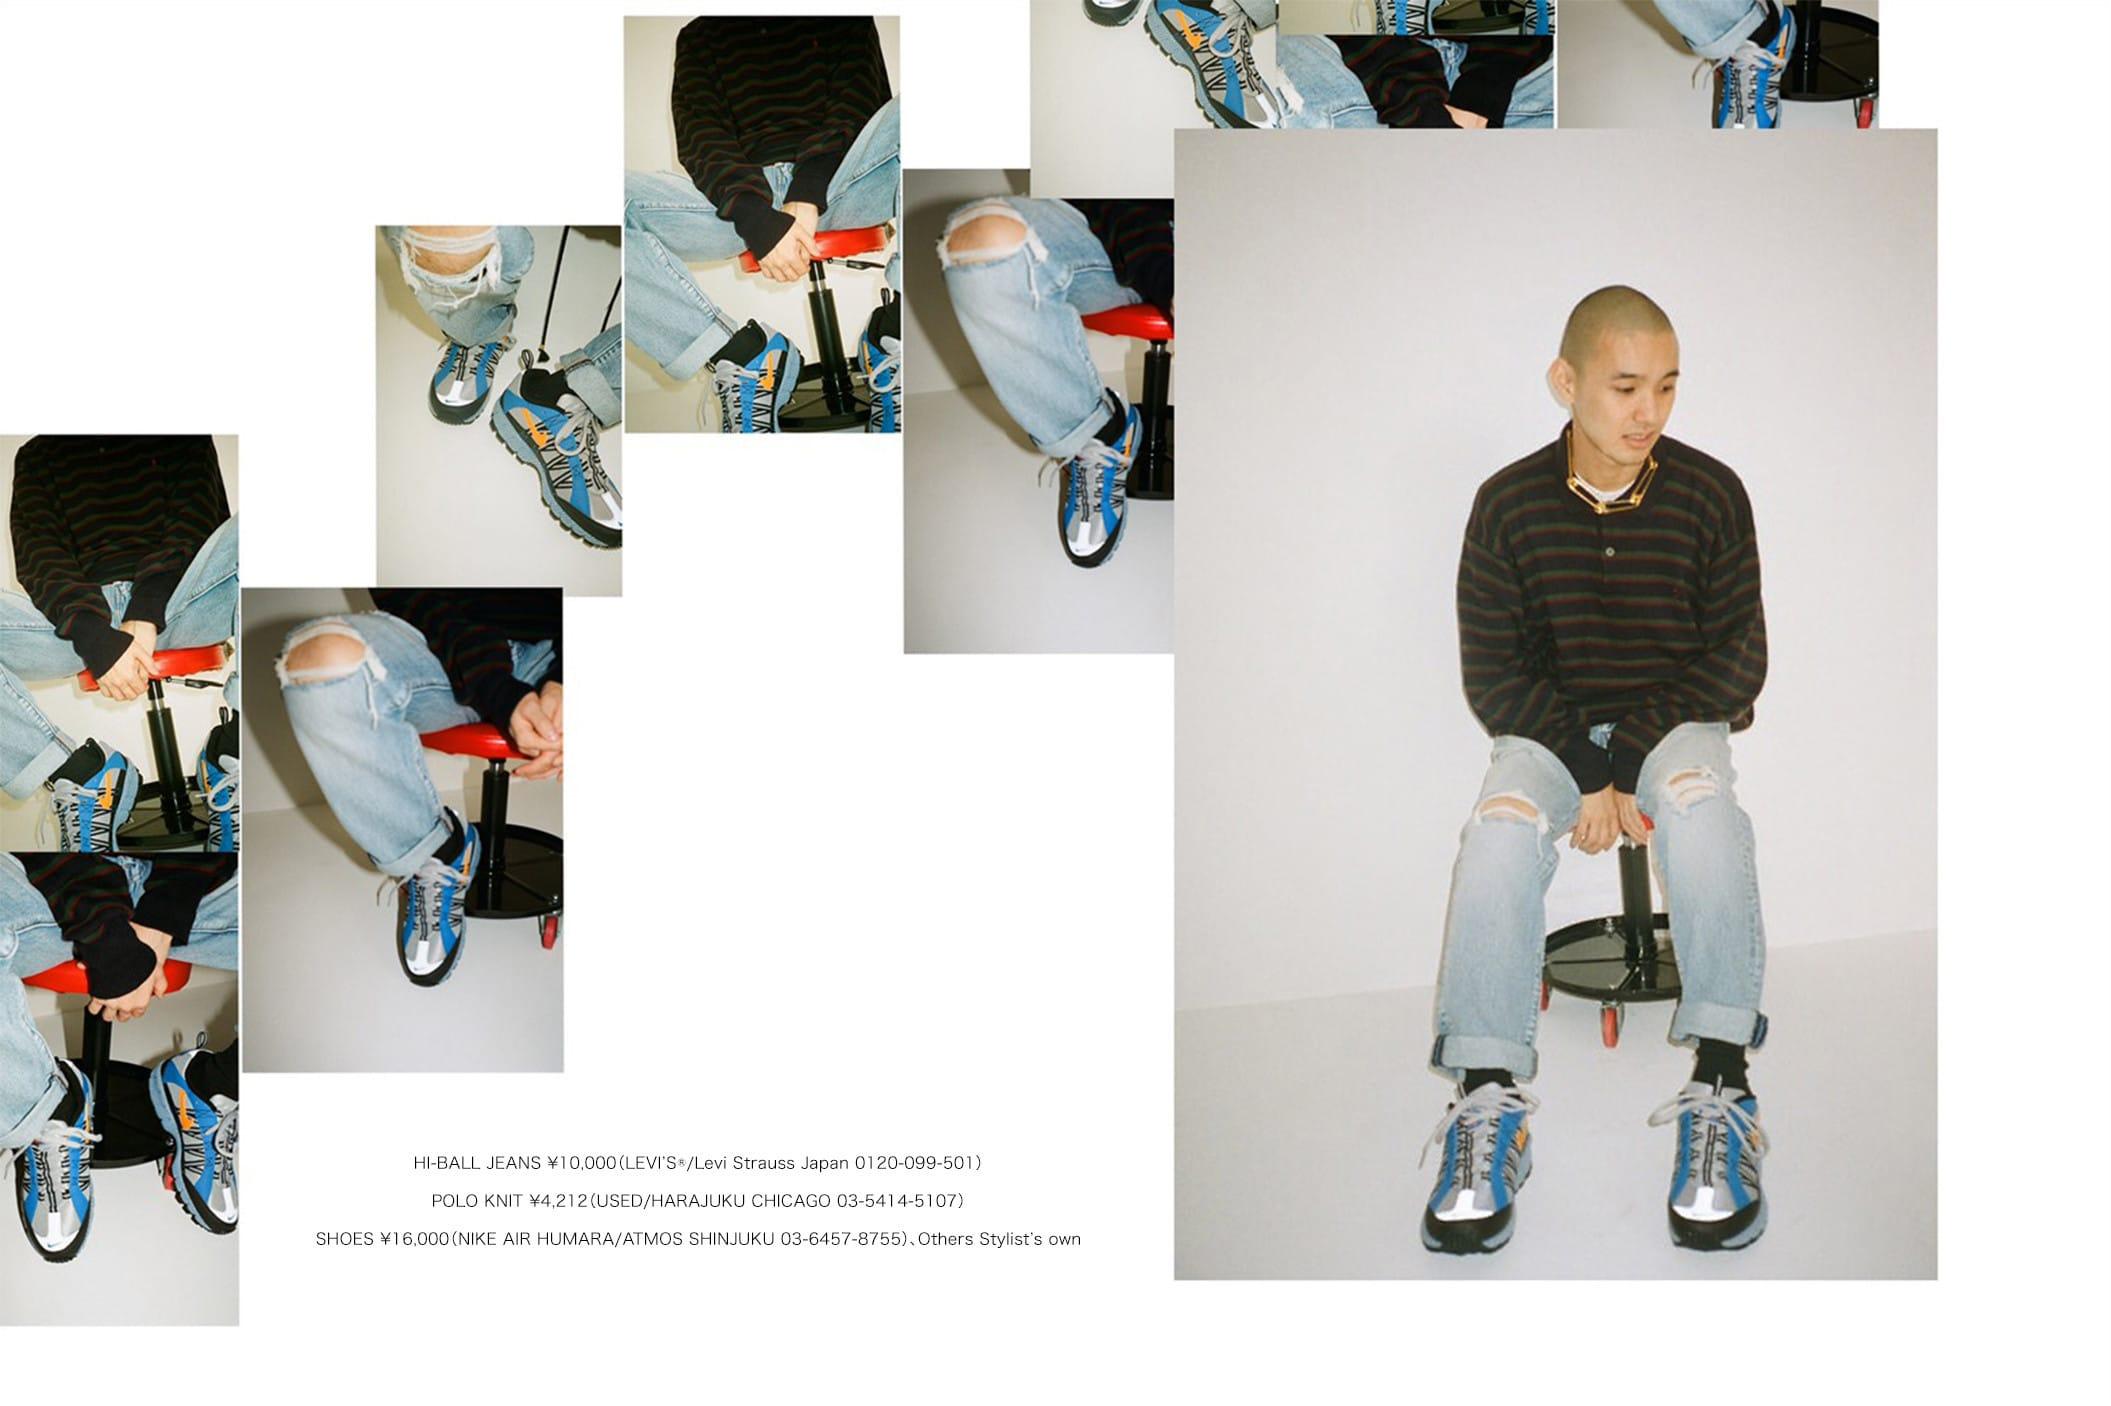 """KID FRESINO が着る80年代フレーバー漂う Levi's® の最新ジーンズ 〈Levi's®〉の最新スニーカージーンズ""""Hi-Ball&Lo-Ball""""を『HYPEBEAST』流の最旬スタイルで表現 HYPEBEAST ハイプビースト キッド フレシノ"""